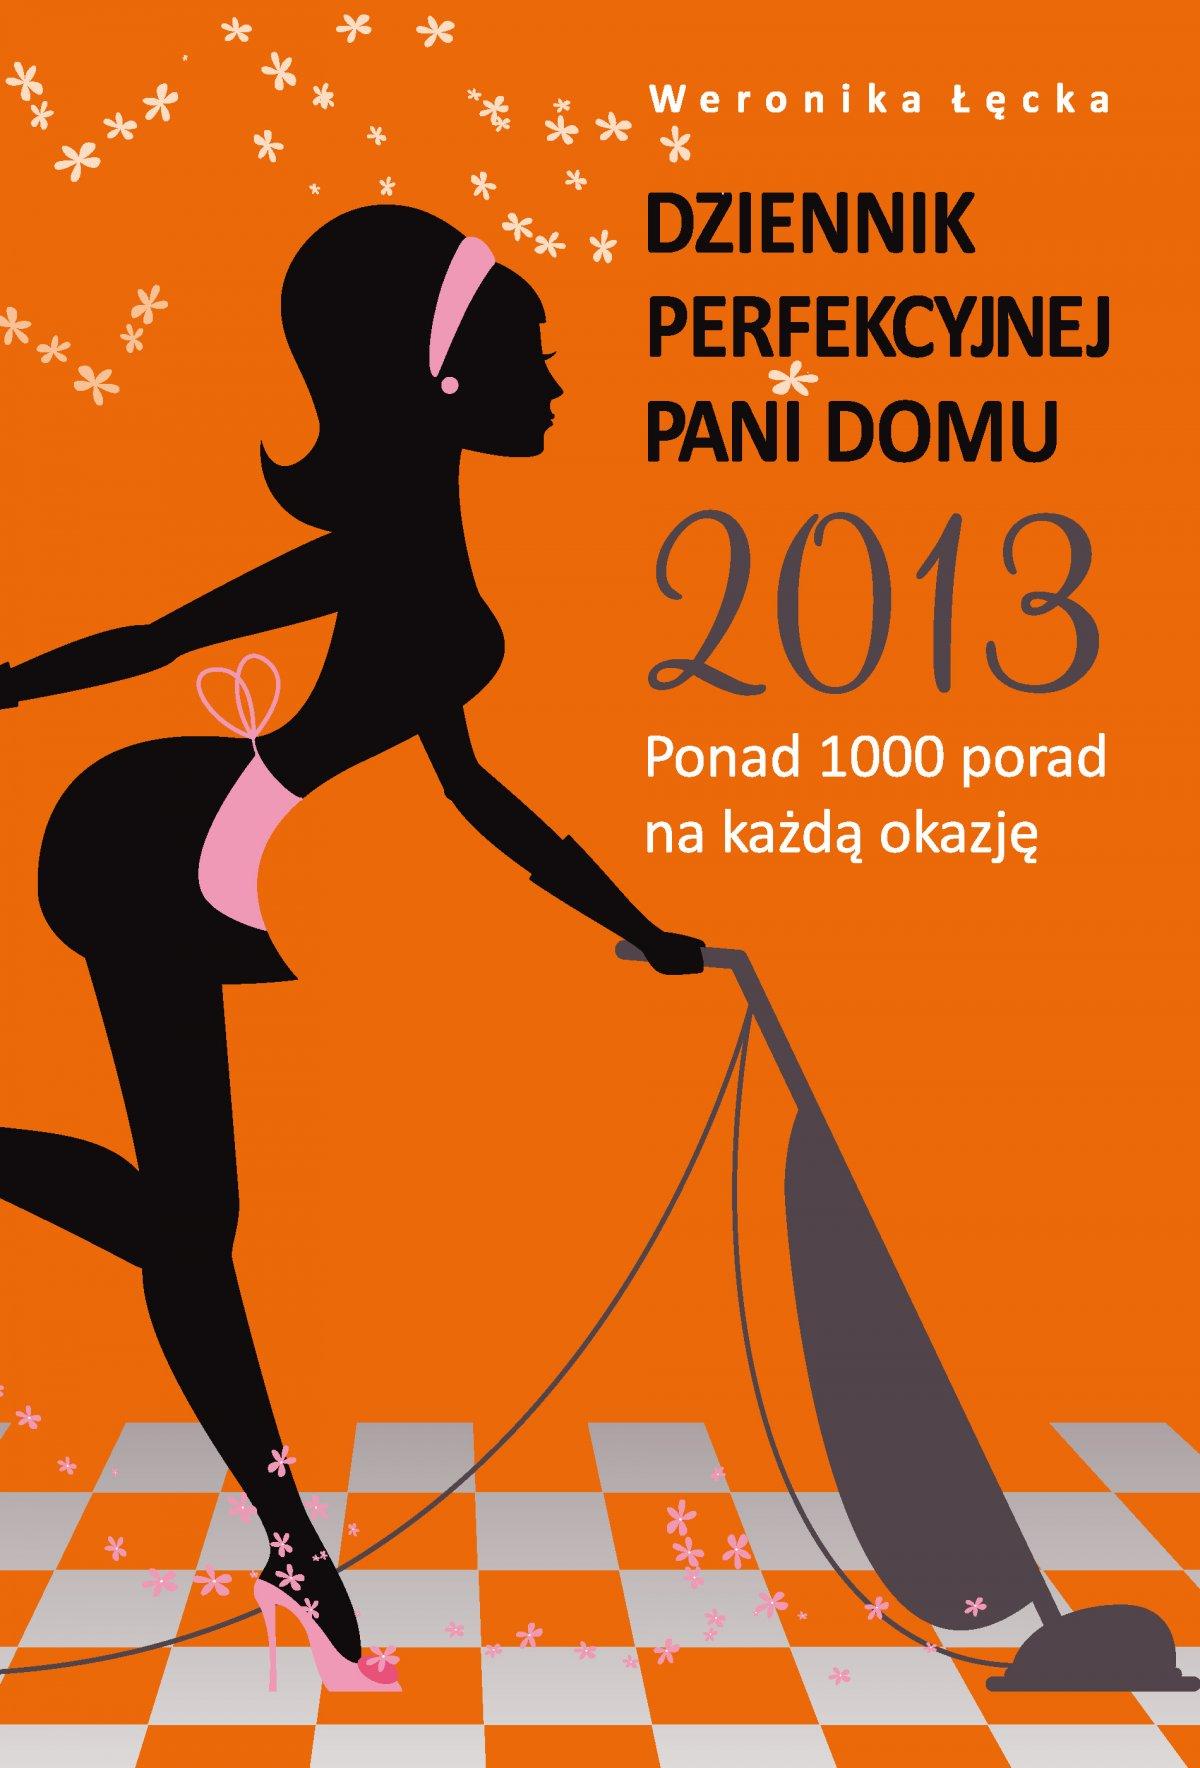 Dziennik perfekcyjnej pani domu. Ponad 1000 porad na każdą okazję - Ebook (Książka PDF) do pobrania w formacie PDF